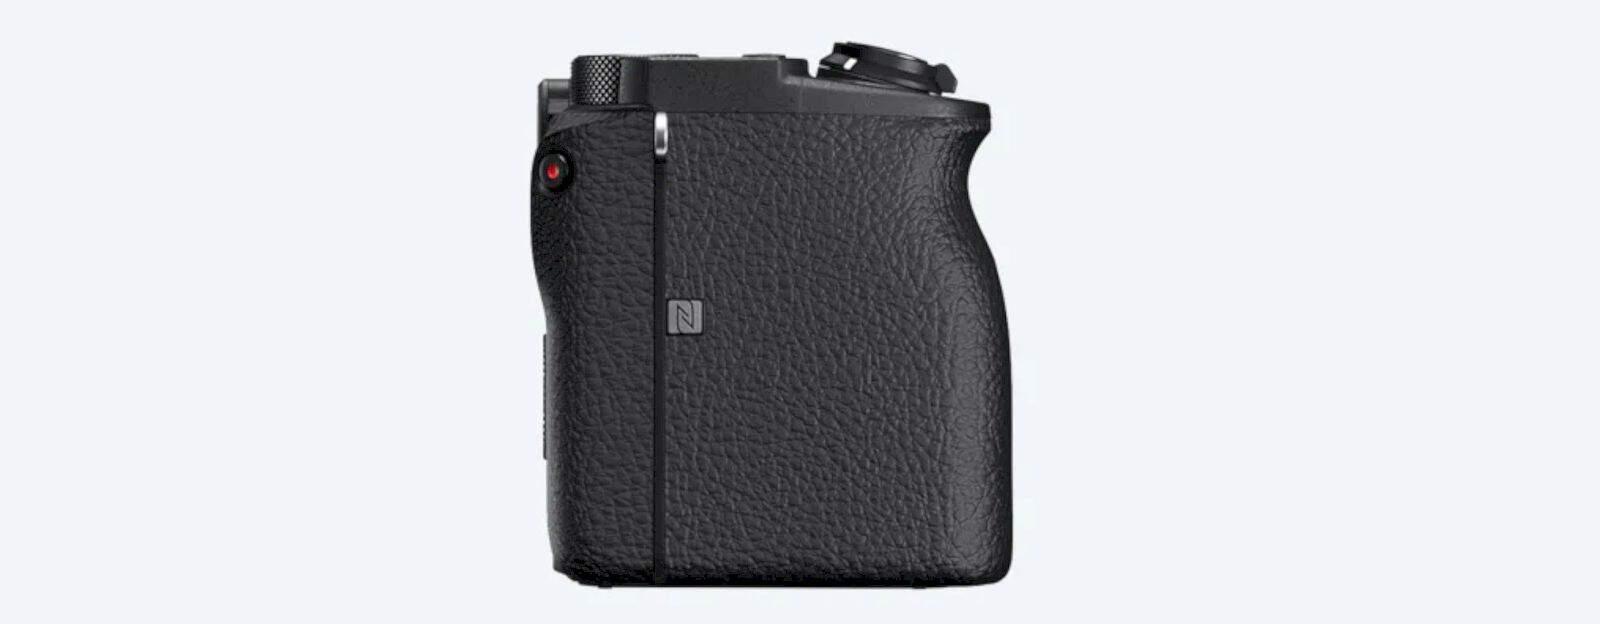 Sony α6600 Aps C Camera 9